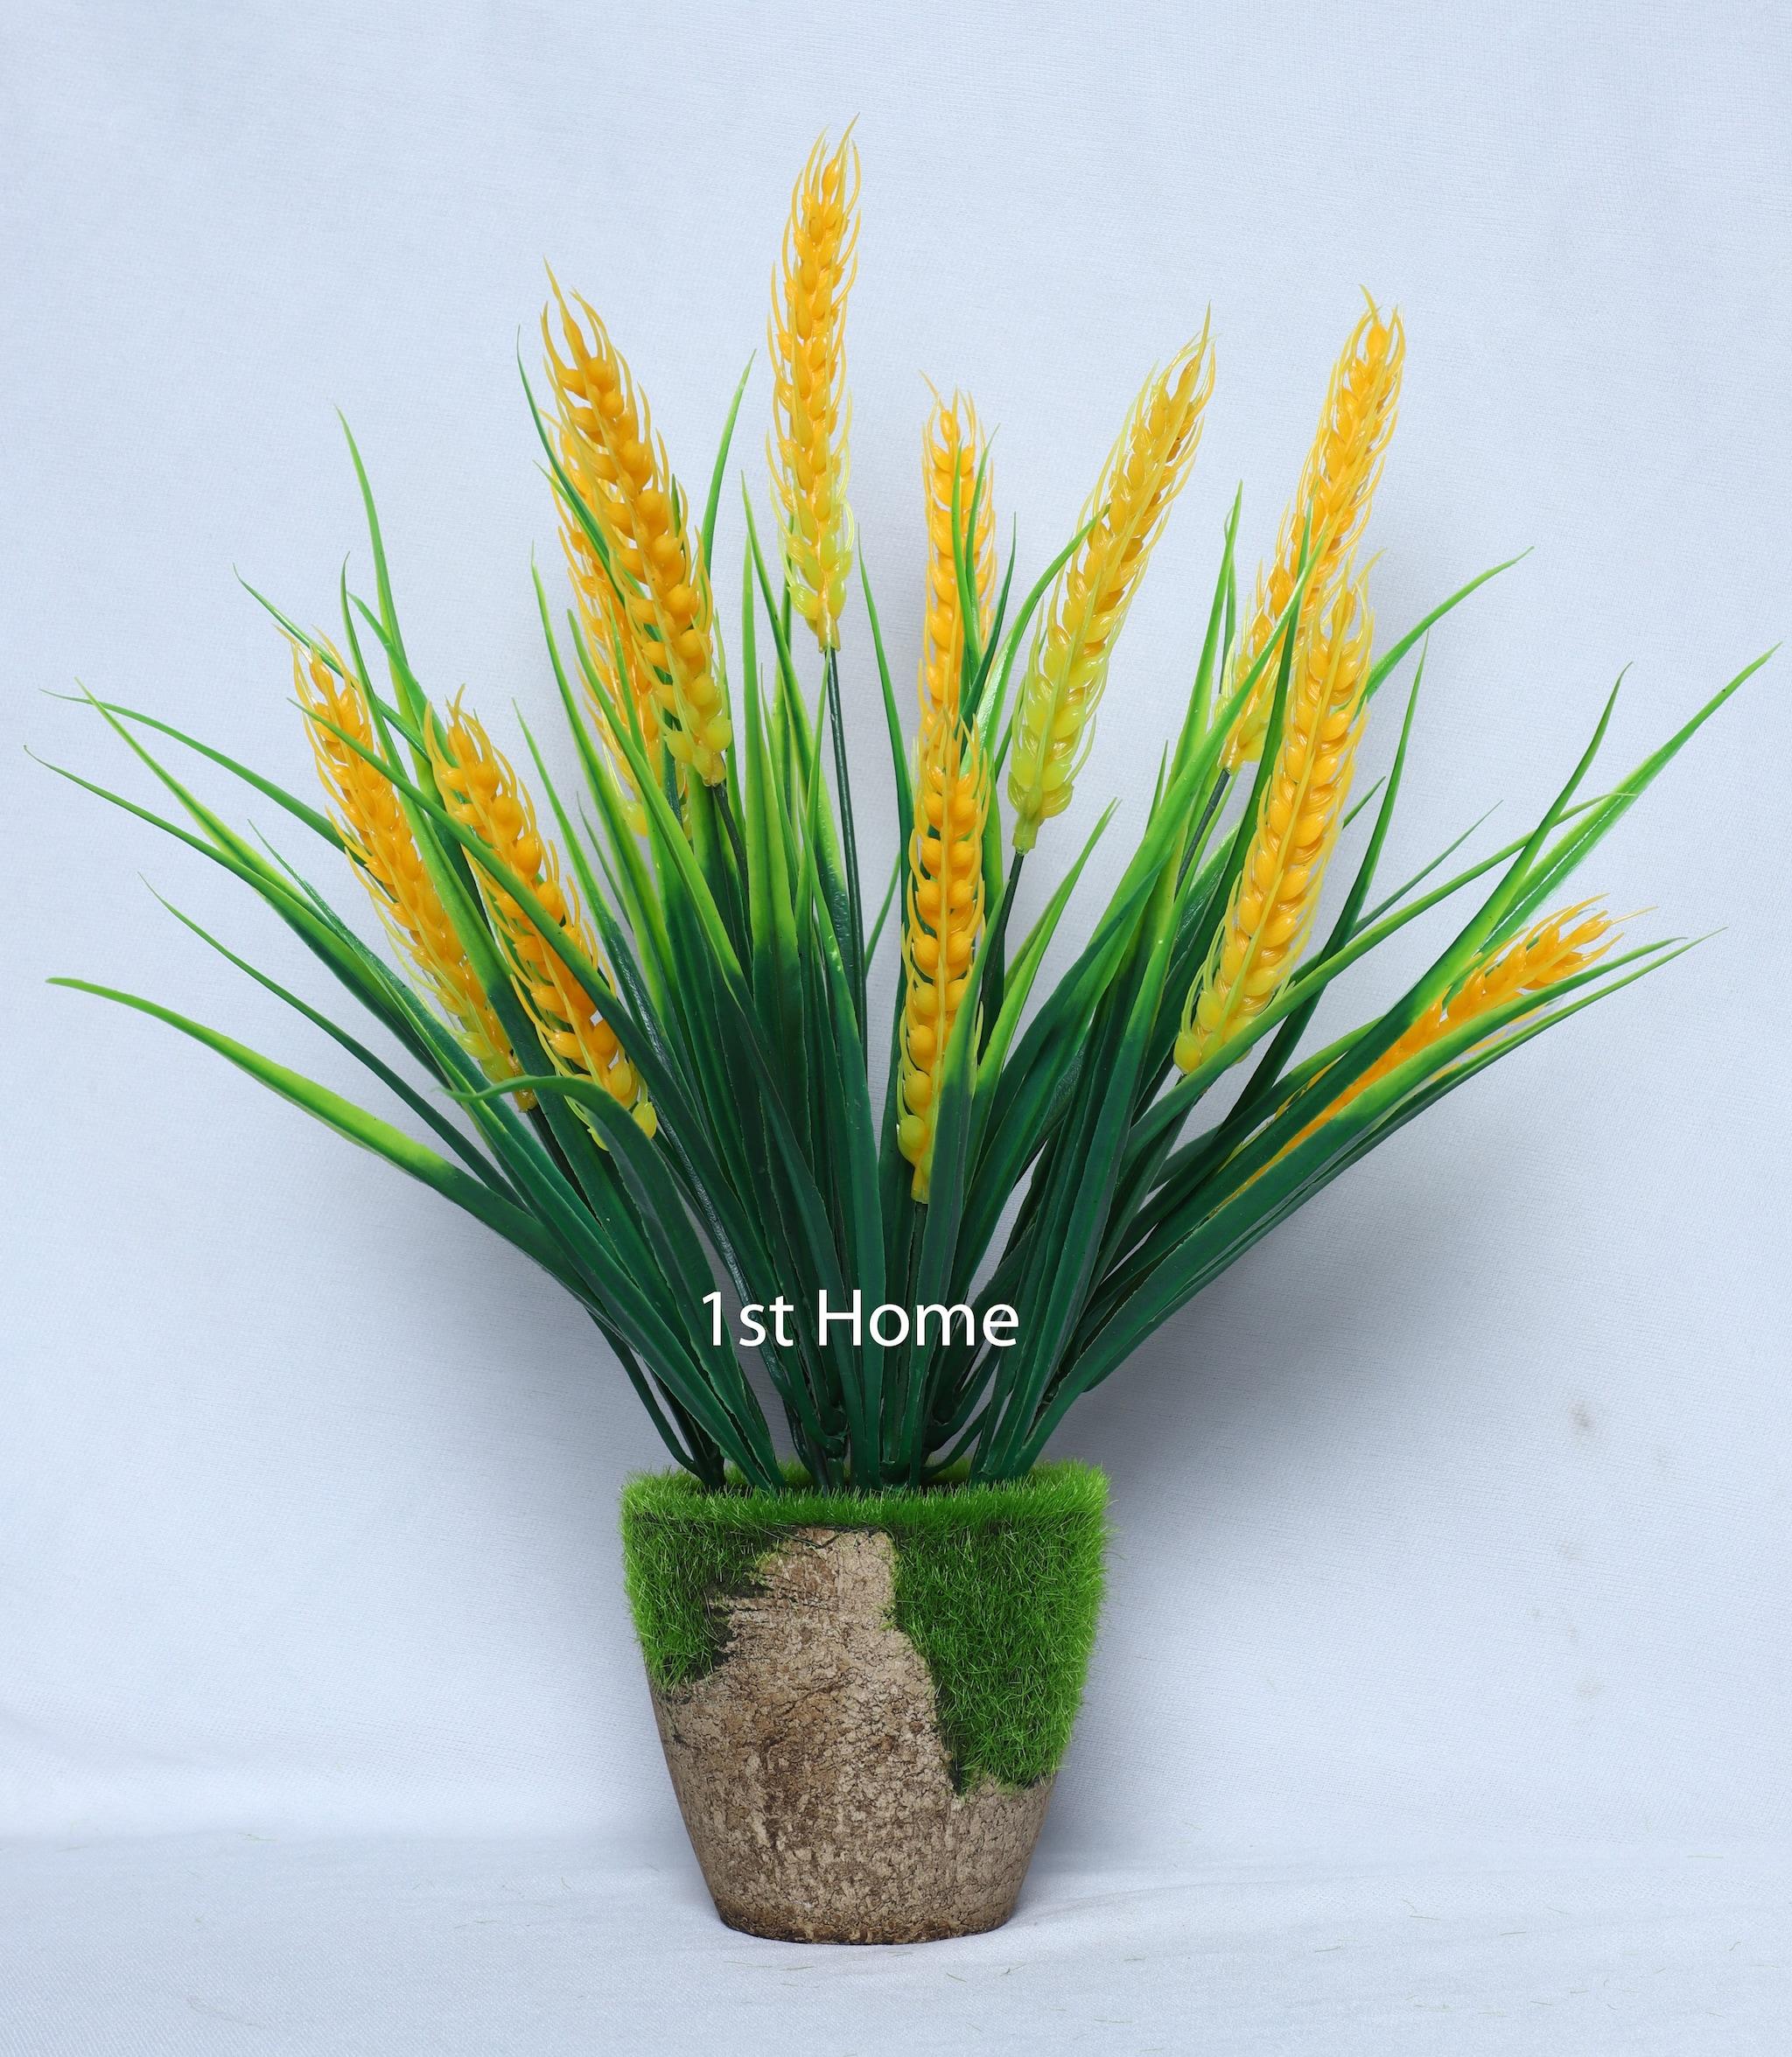 Artificial Yellow Grass Arrangement NS1031